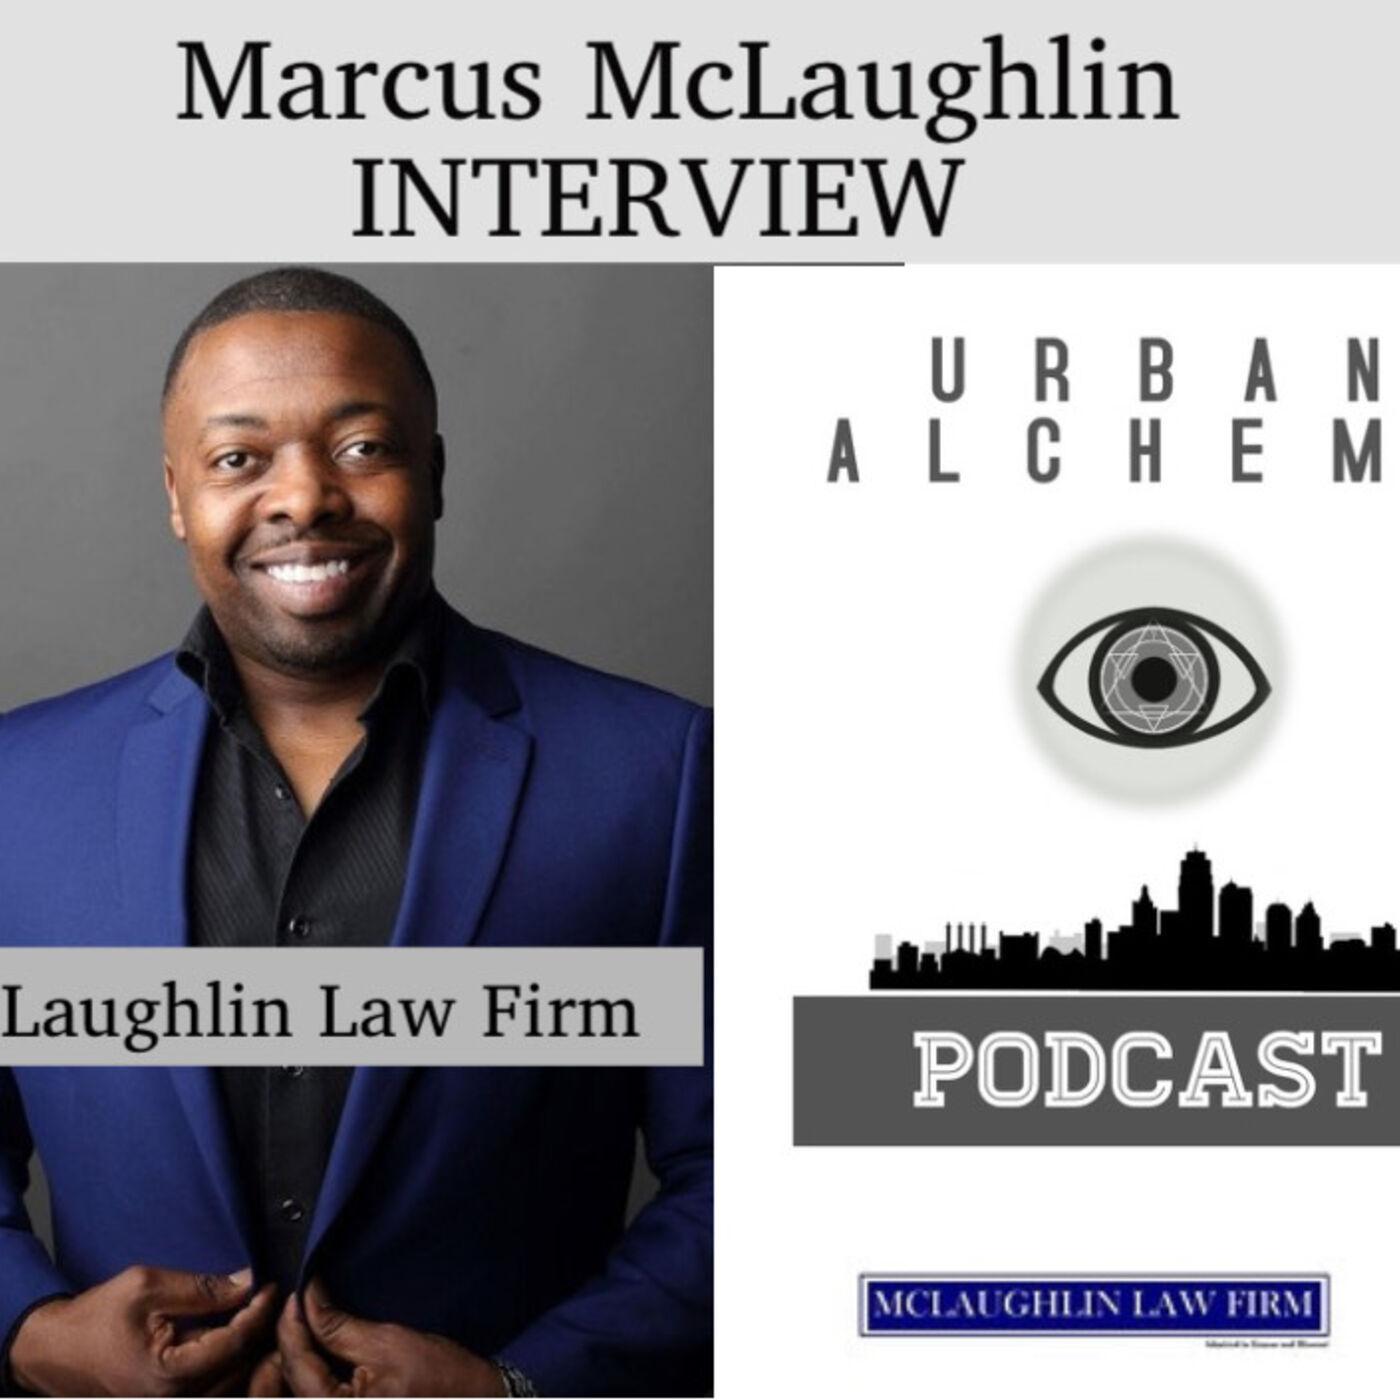 Marcus McLaughlin - McLaughlin Law Firm